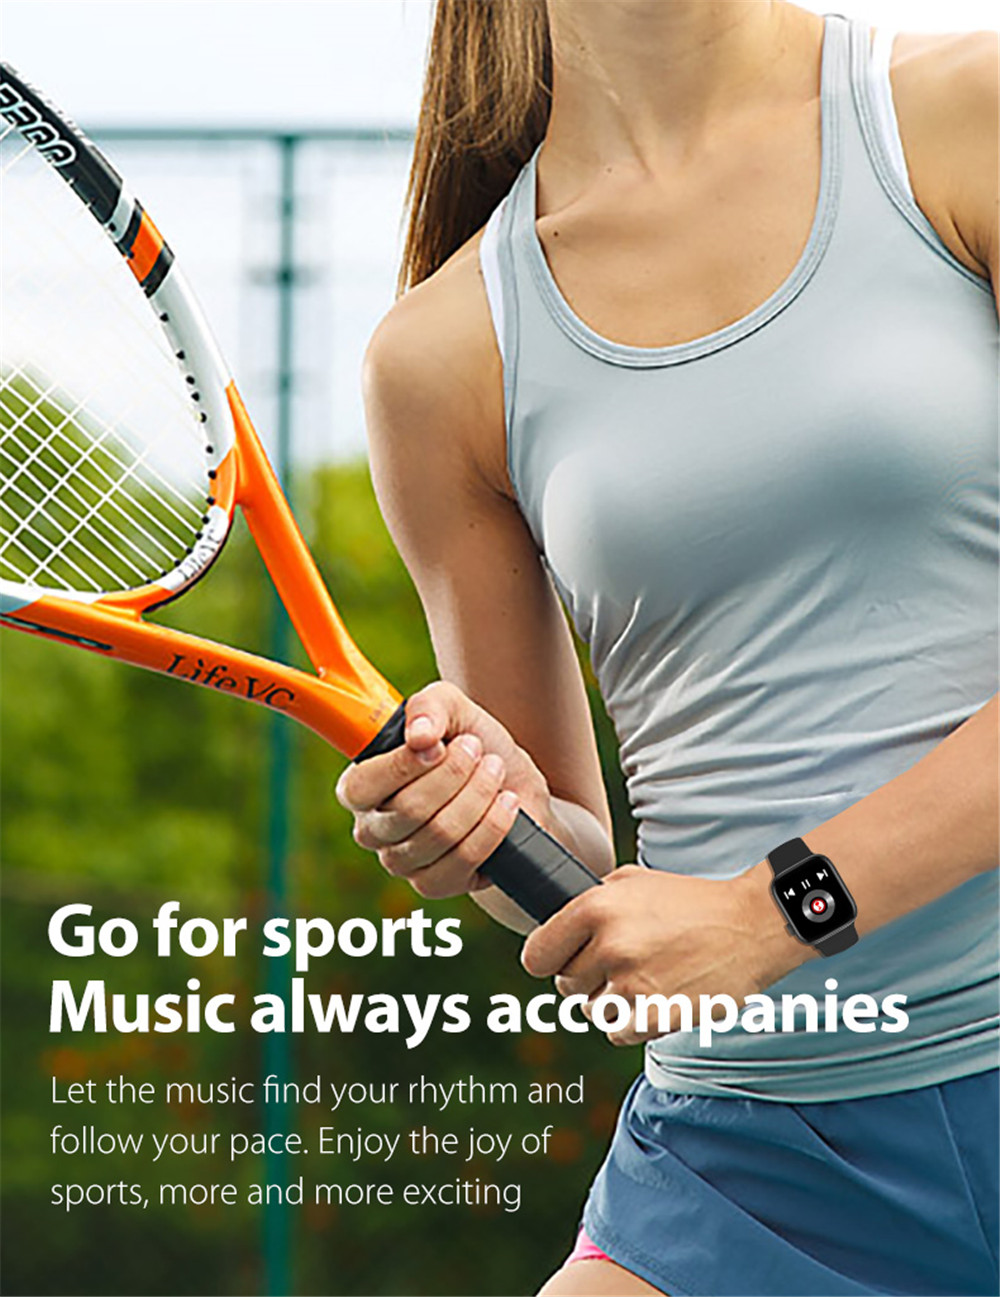 H6832f83d2c2749a098a5394700e9cf13I Smart Watch Men Smartwatch Women Dial Call Watch Waterproof Fitness Tracker Music Control 2021 For Iphone Xiaomi Huawei IWO+gift